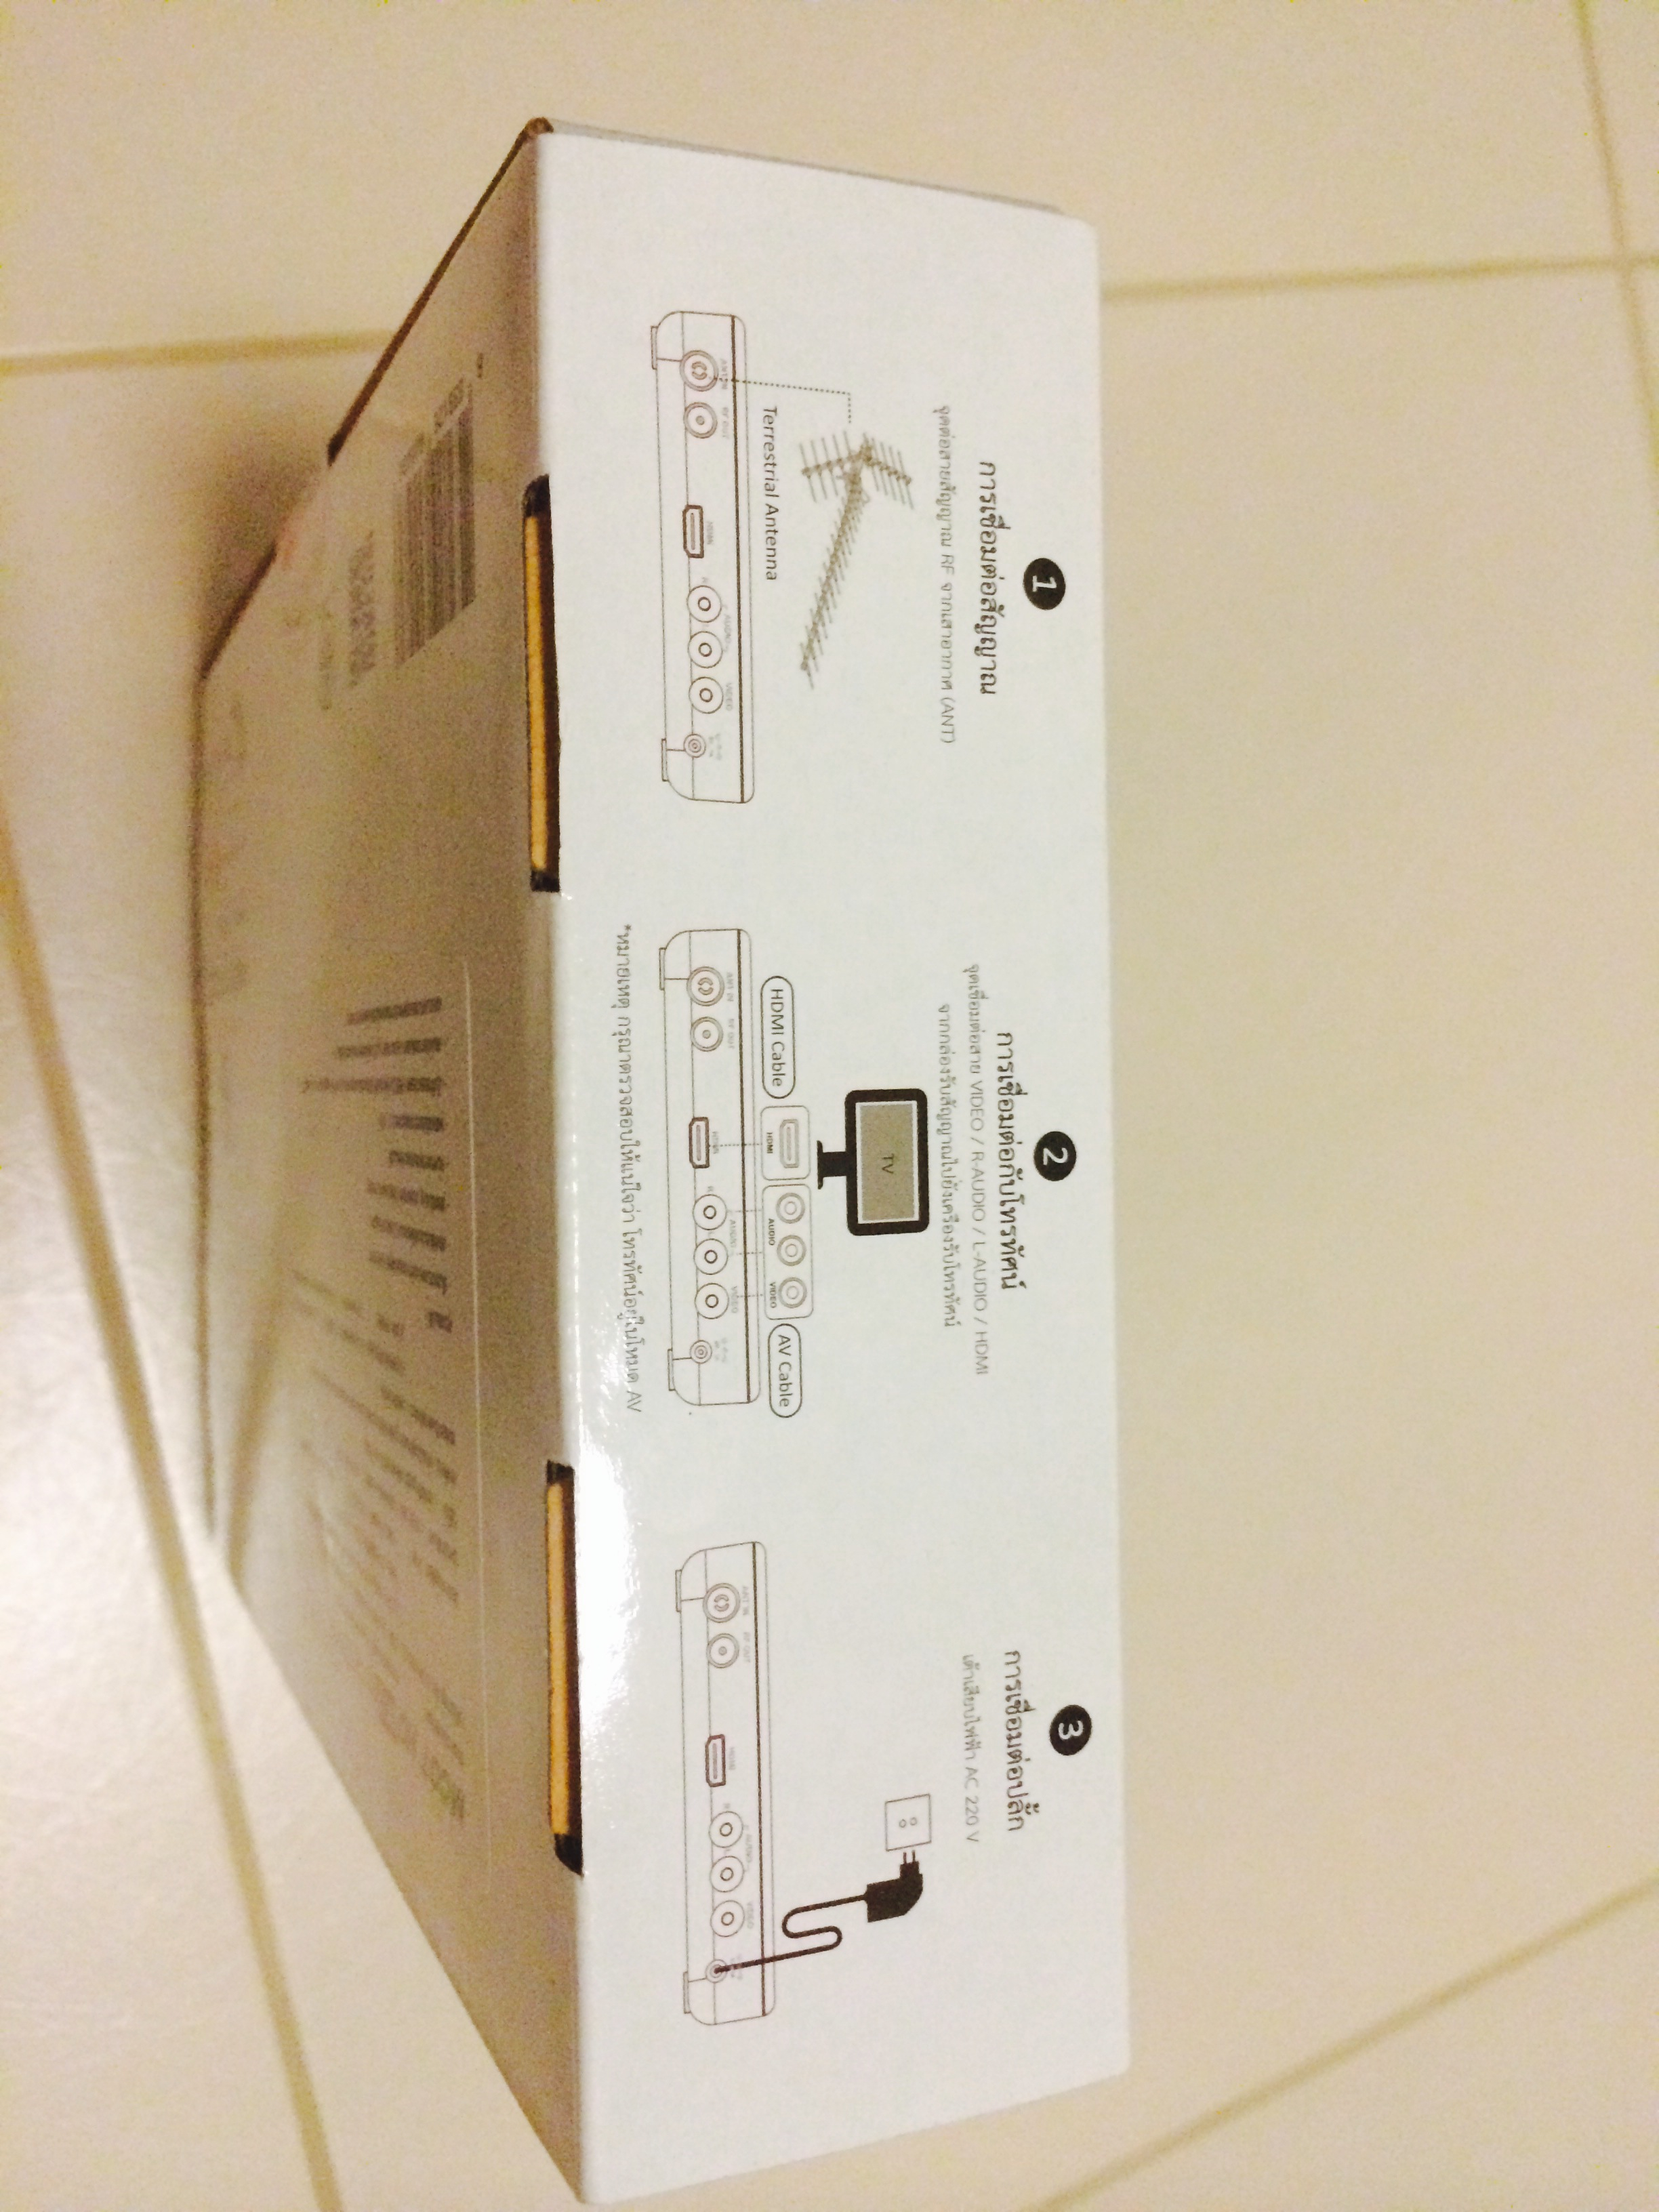 กล่องทีวีดิจิตอล MCOT HDBOX